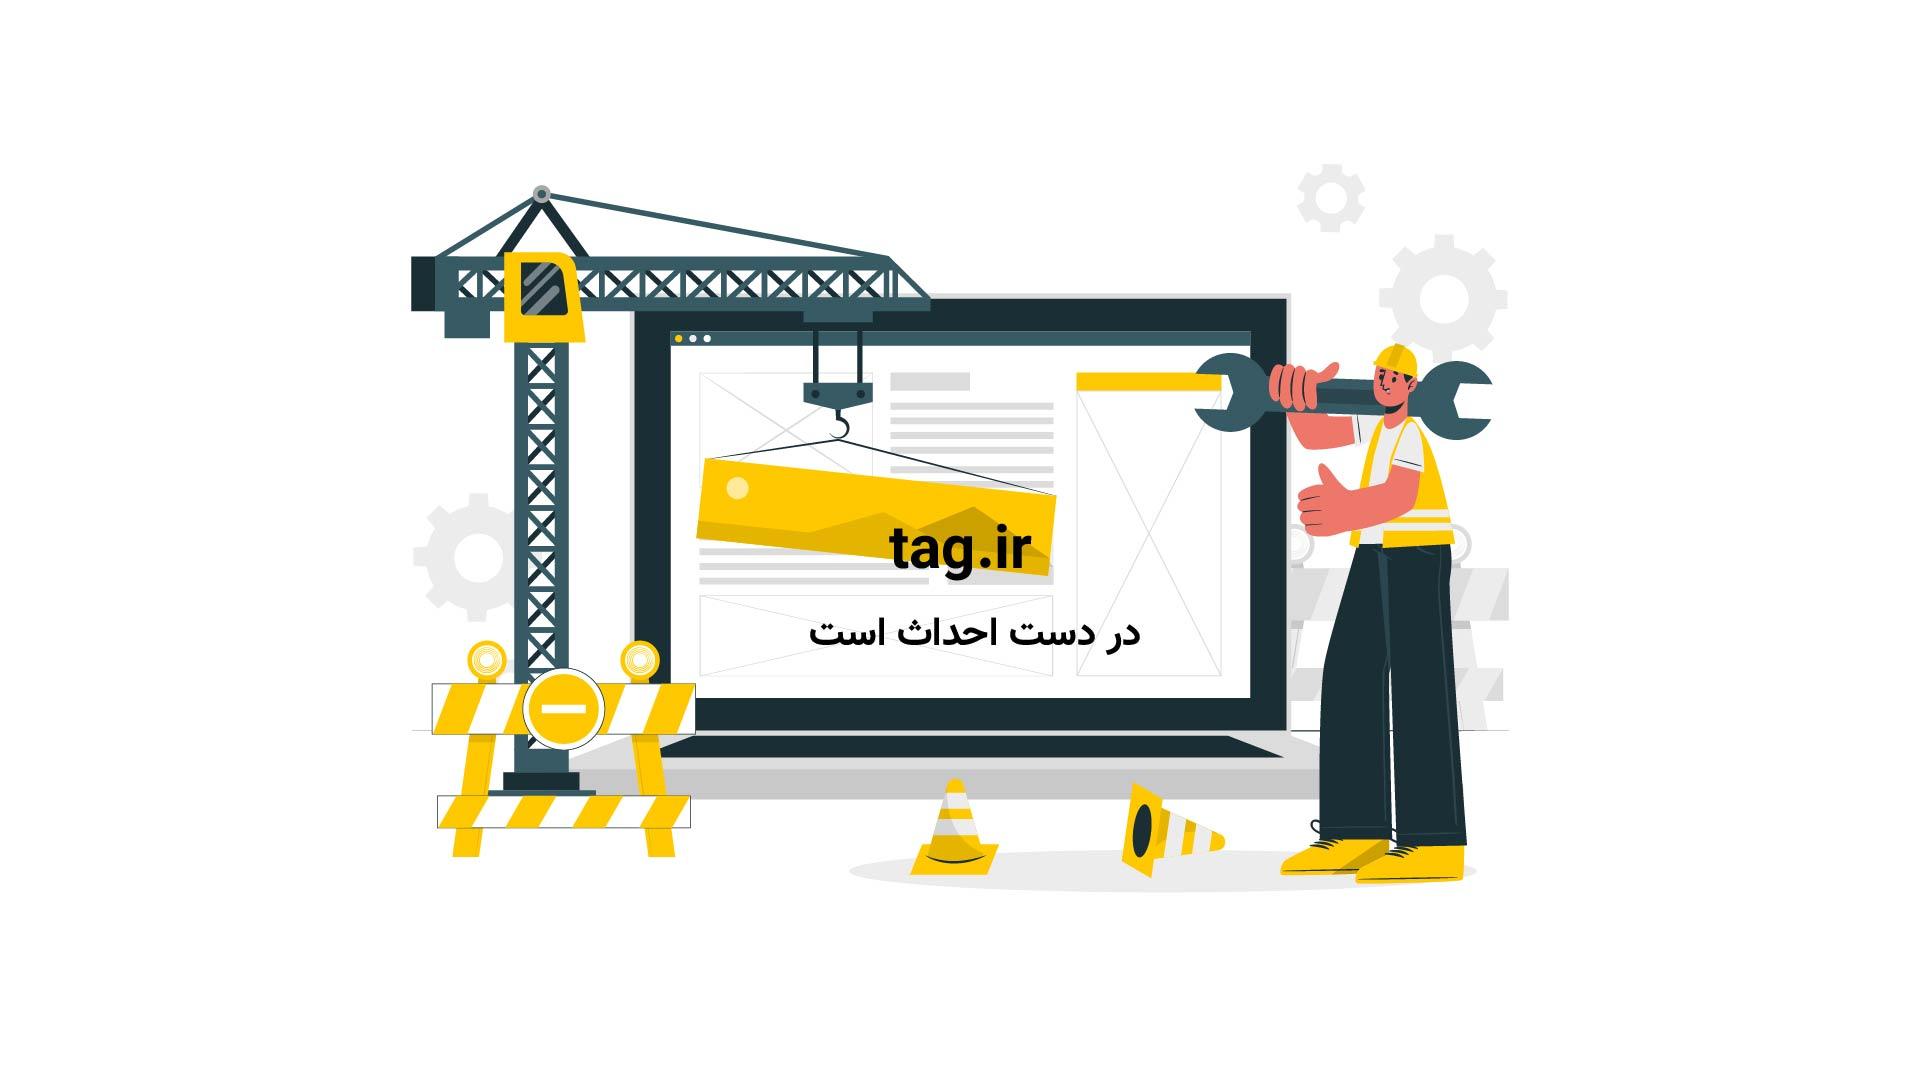 جنگ اقتصادی آمریکا و چین